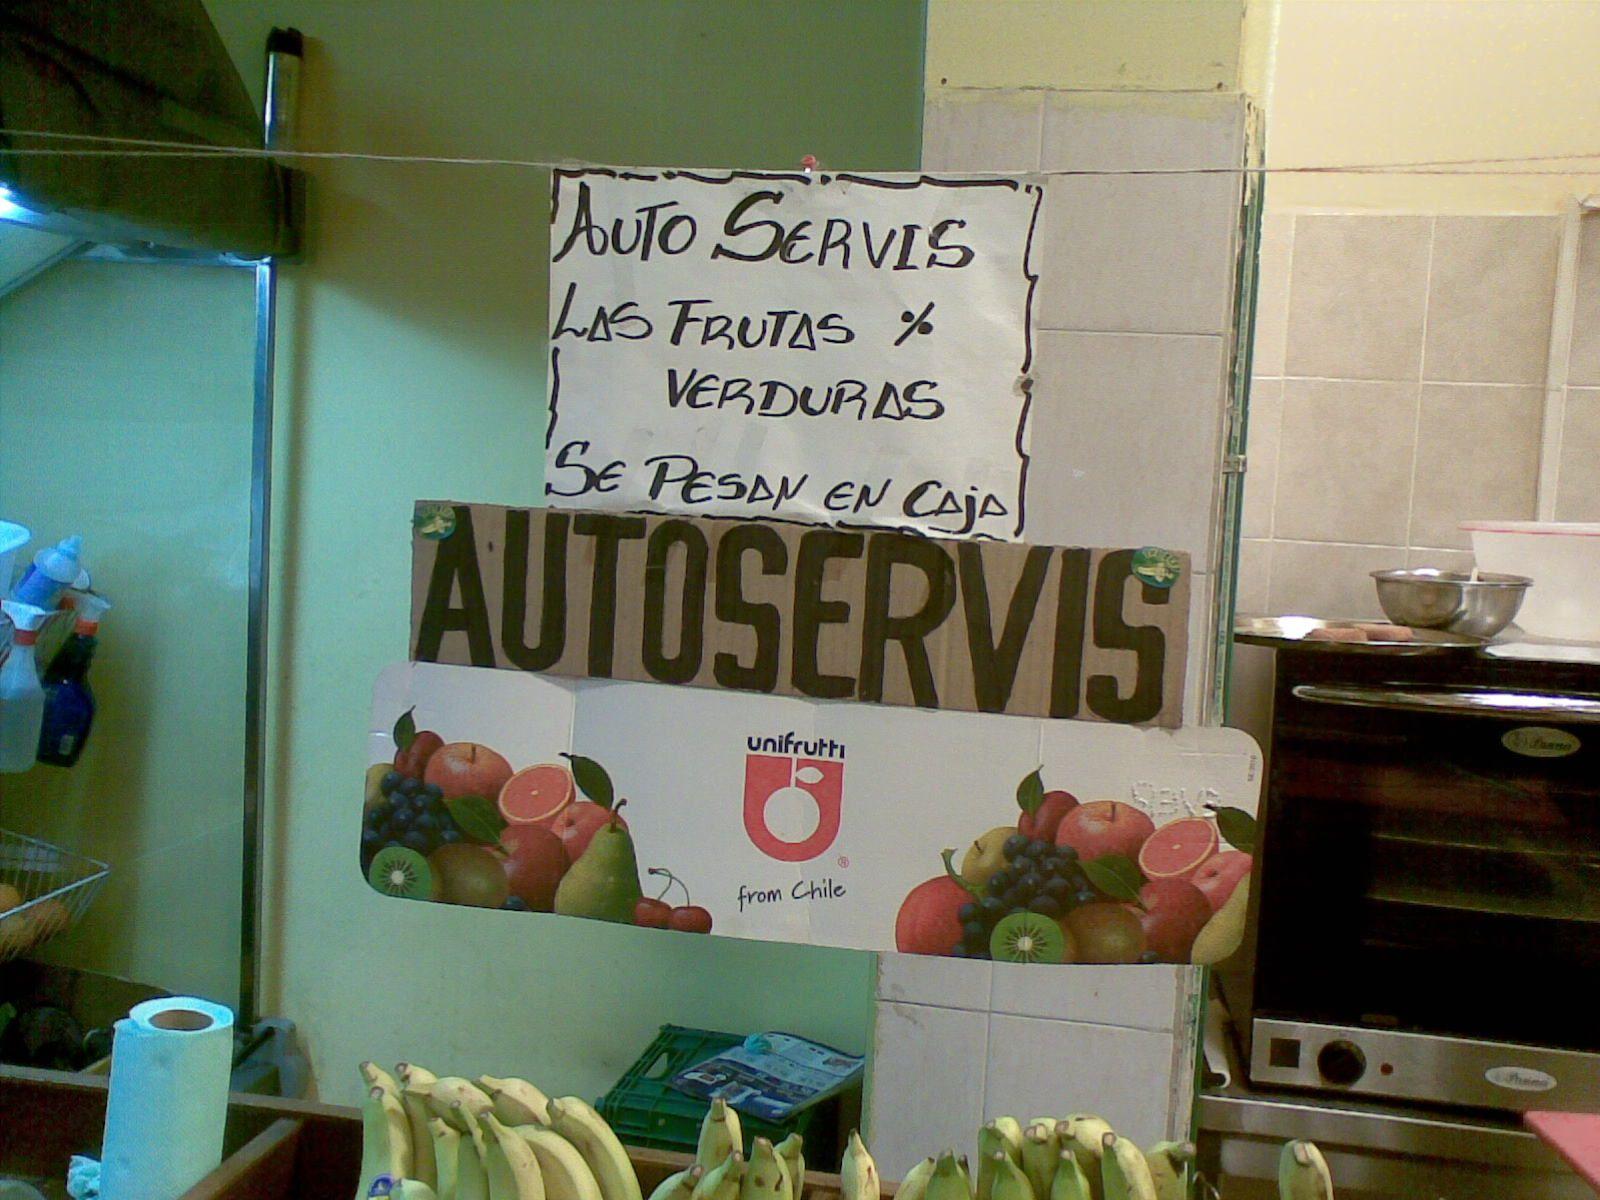 Supermercado chino.......se nota.